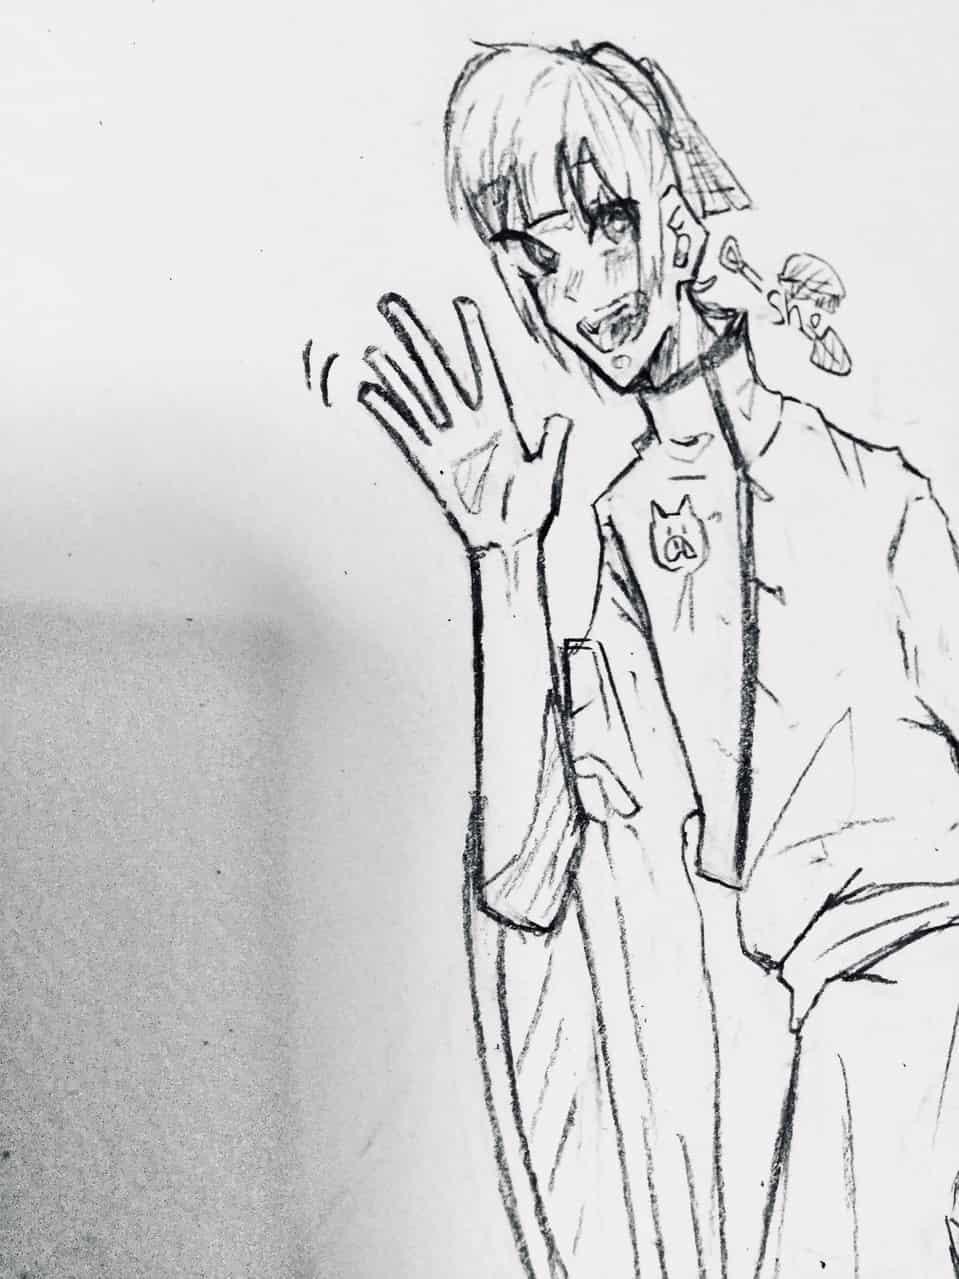 チャイナ服のshoちゃん Illust of 箱推し 低浮上中 チャイナ服っぽい シャオロン ○○の主役は我々だ!